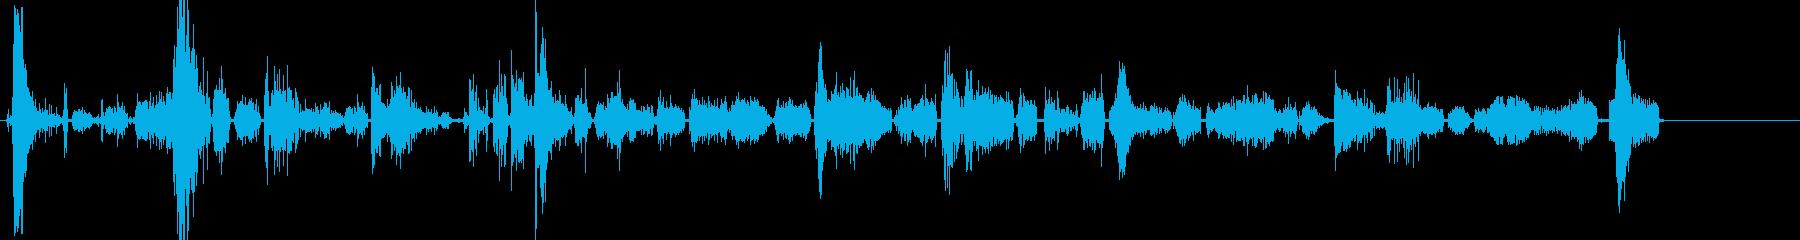 タイガーのうなり声とうなり声の再生済みの波形